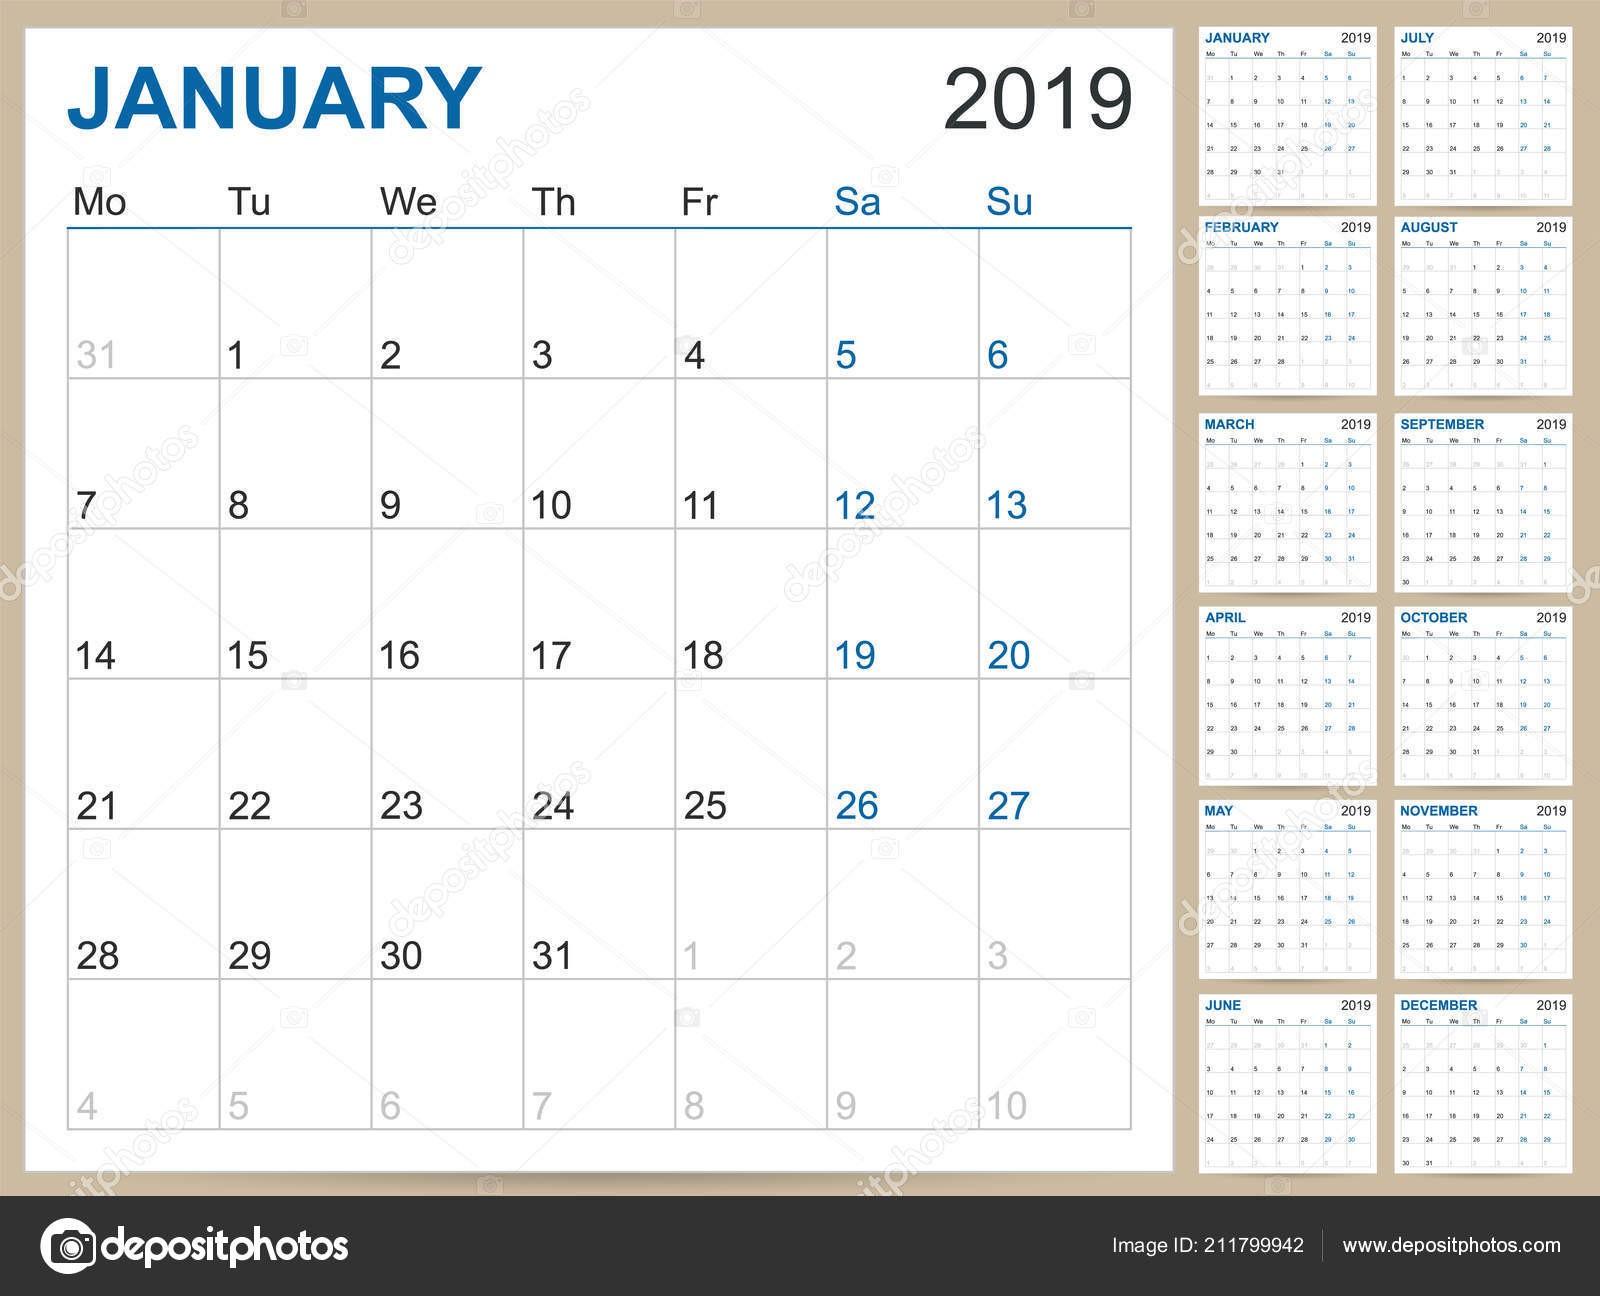 Inglés Planificaci³n Calendario 2019 Calendario Inglés Plantilla Para A±o 2019 — Archivo Imágenes Vectoriales